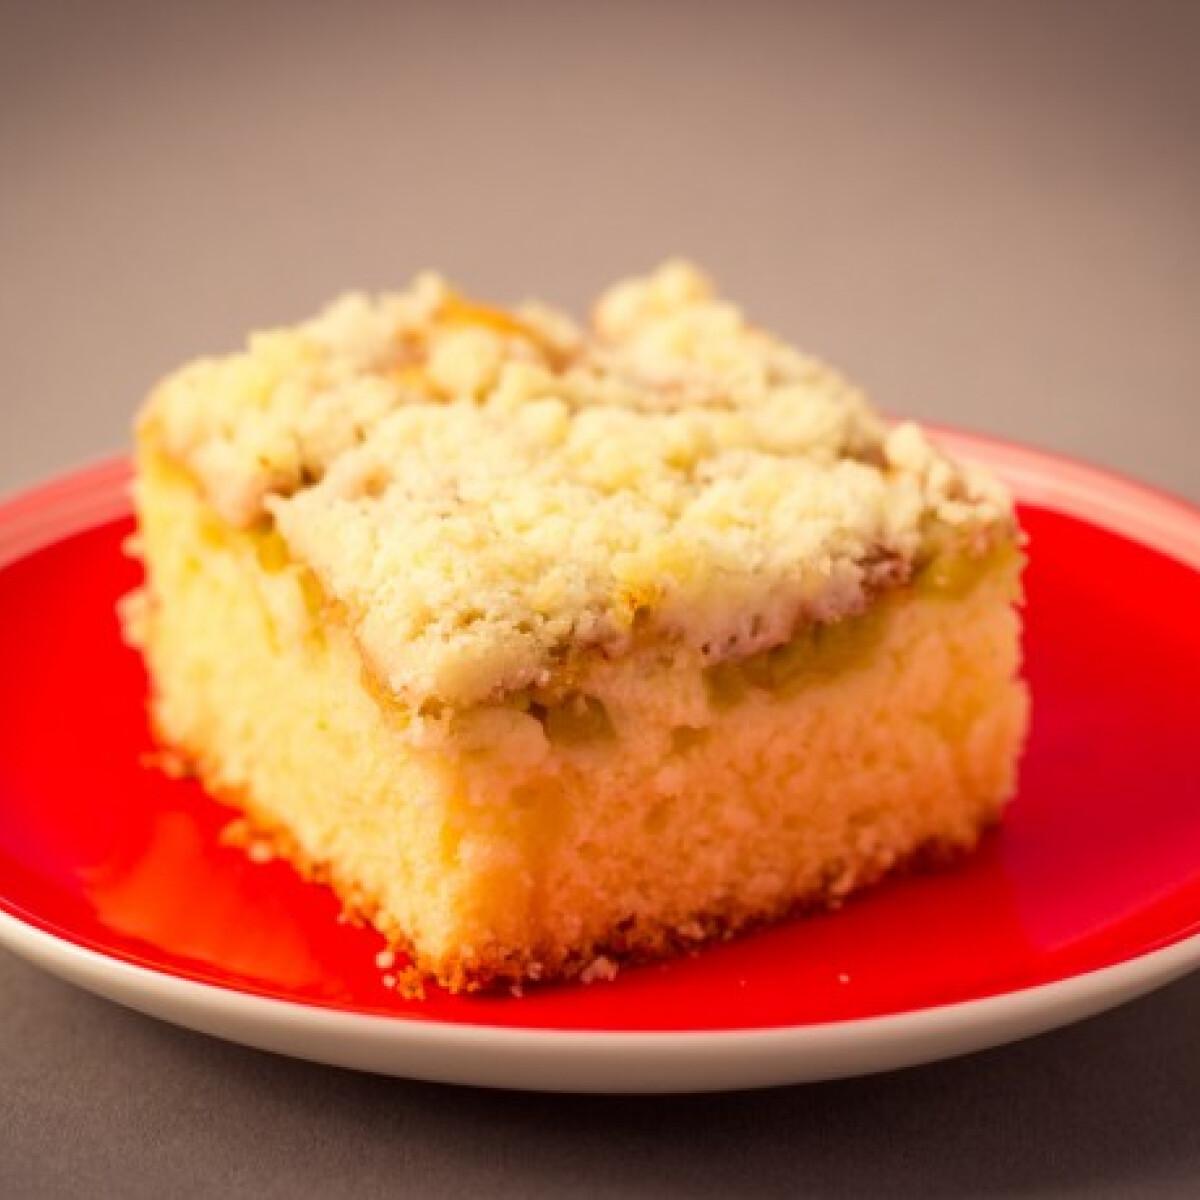 Ezen a képen: Könnyű rebarbarás süti